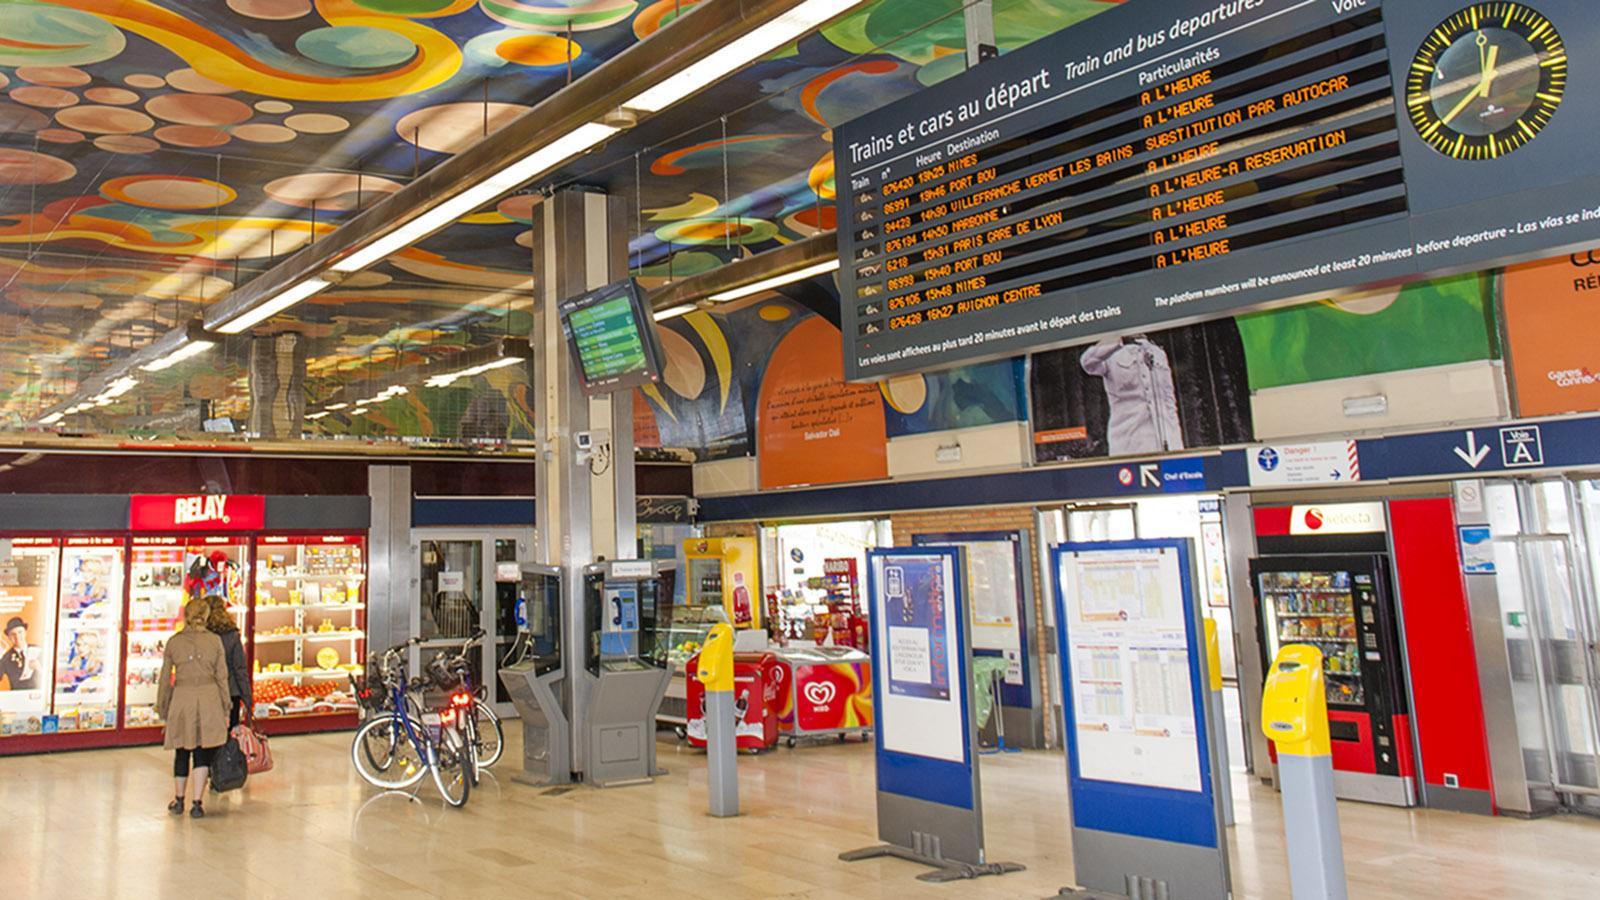 Bahnfahren in Frankreich. Der Bahnhof von Perpignan war bis vor wenigen Jahren kunterbunt im Innern - eine Hommage an DalI. Foto: Hilke Maunder